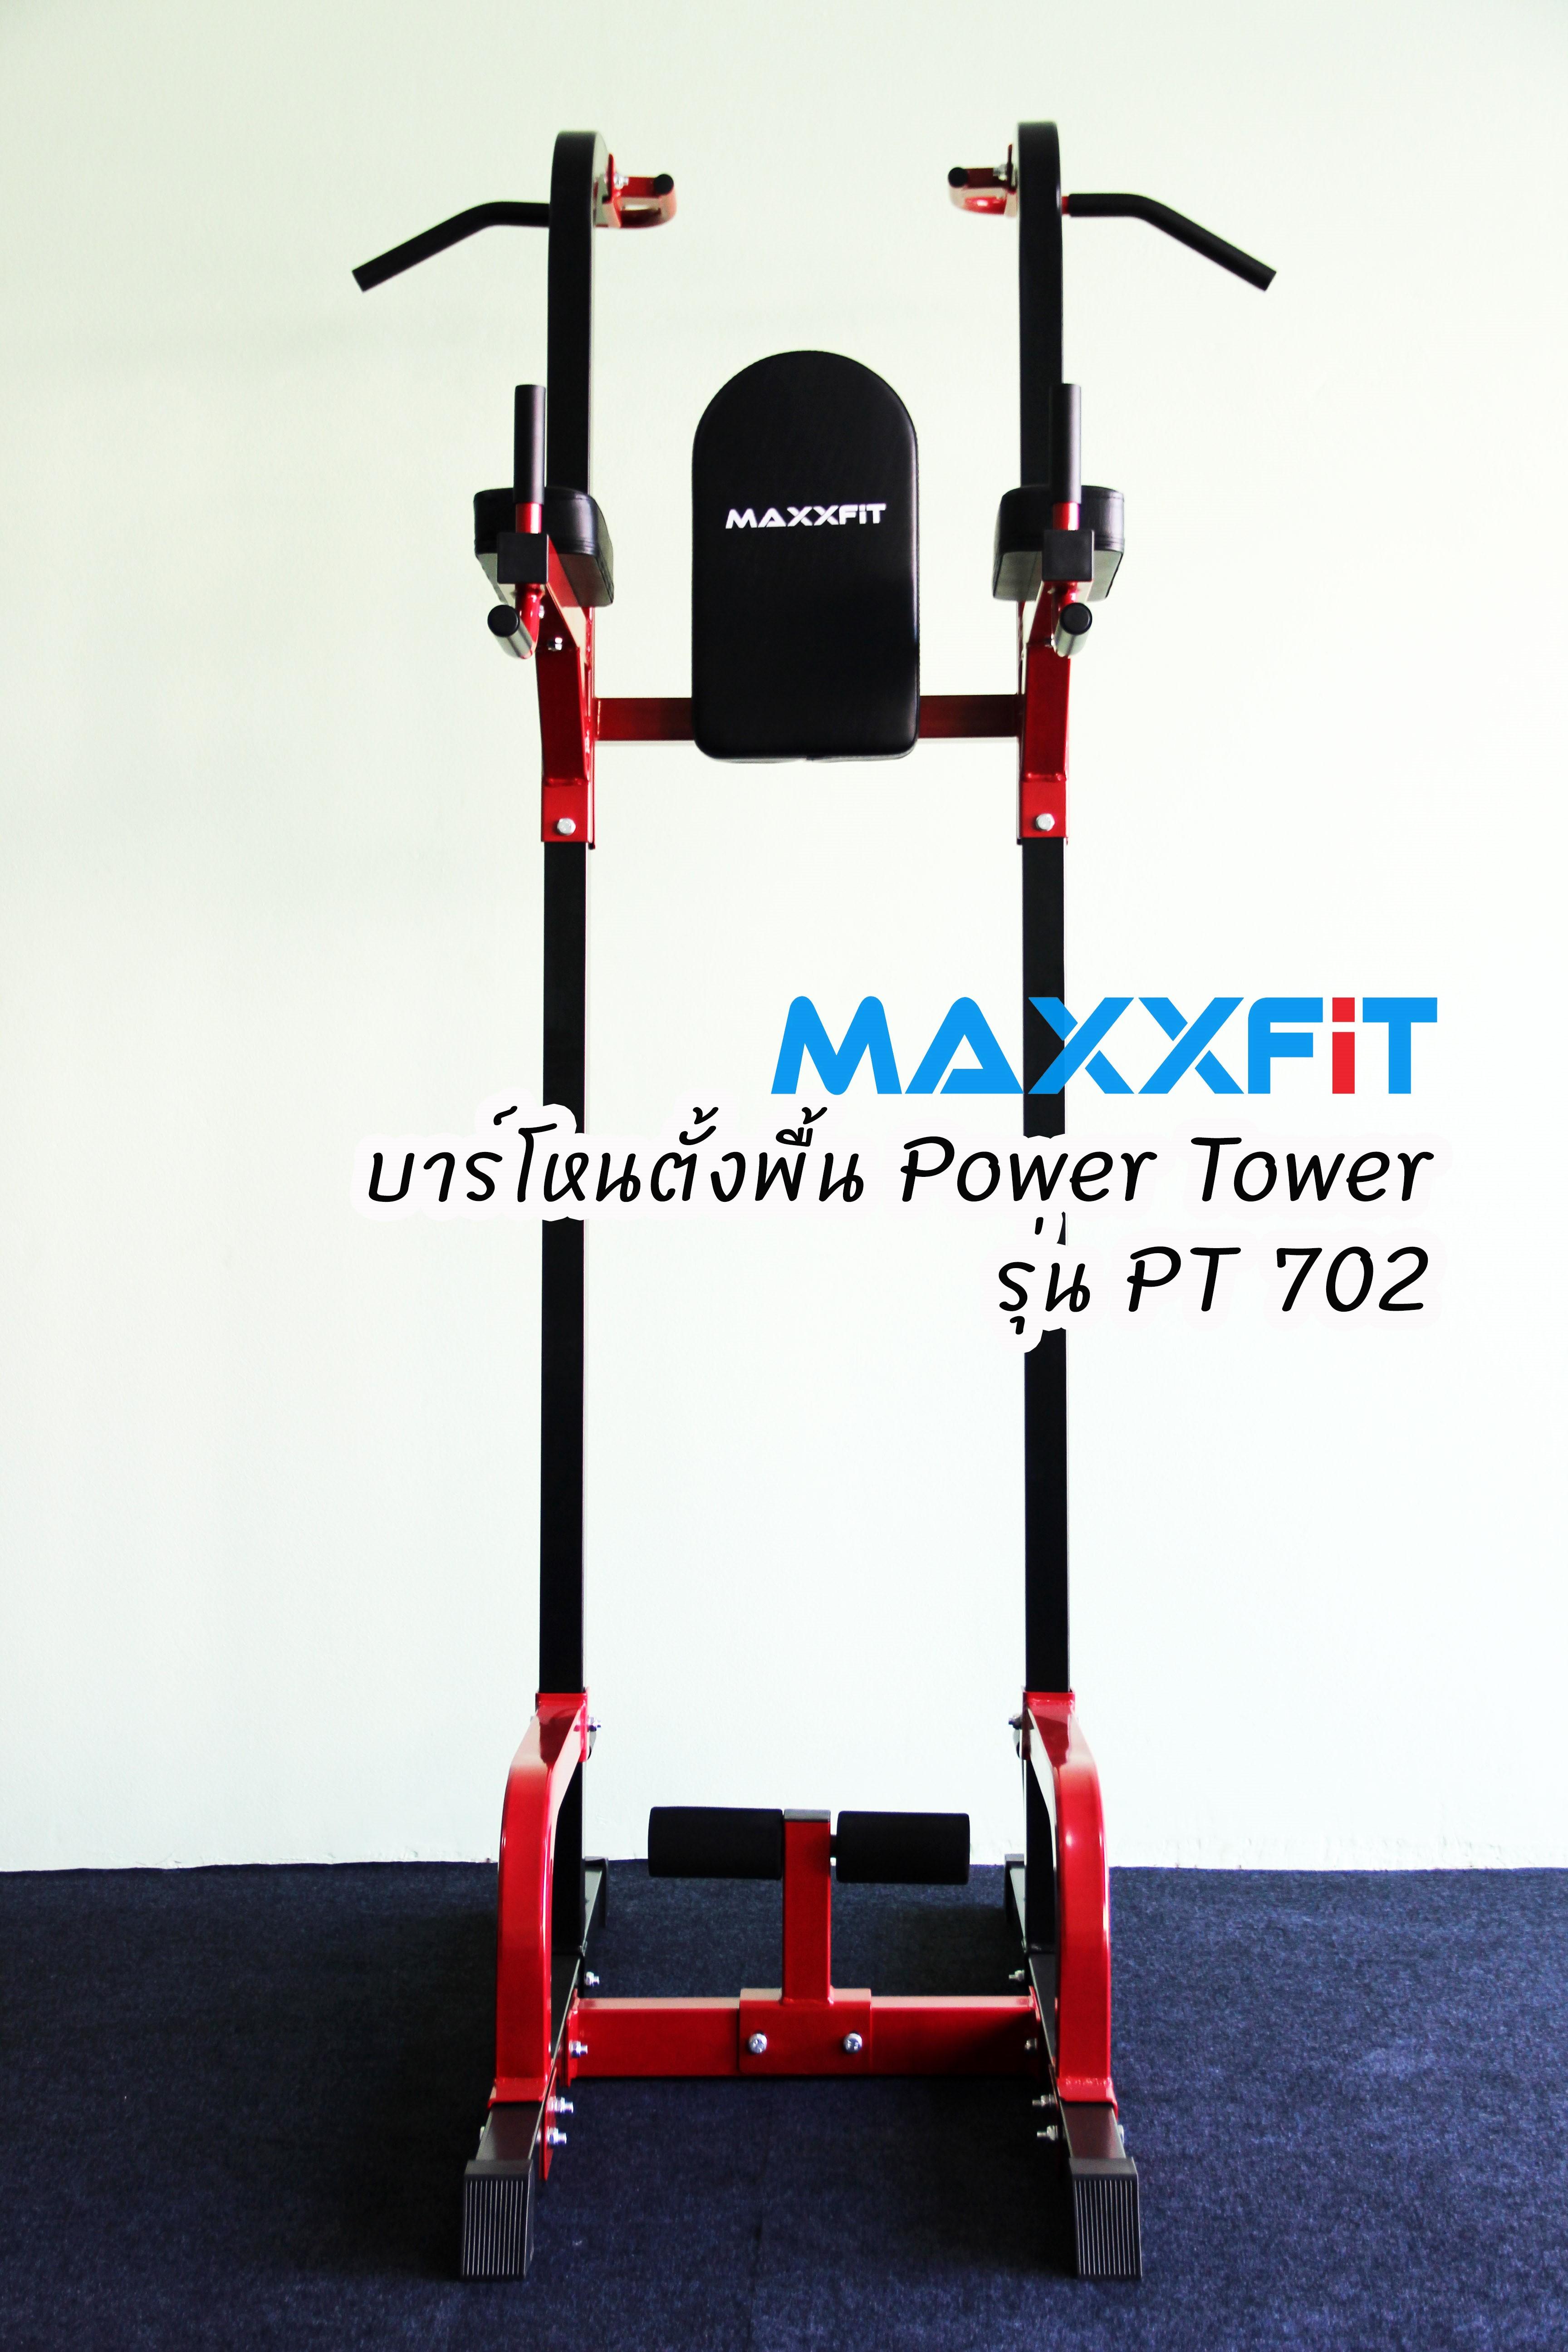 บาร์โหนตั้งพื้น Power Tower MAXXFiT รุ่น PT702 (Light Commercial Grade)